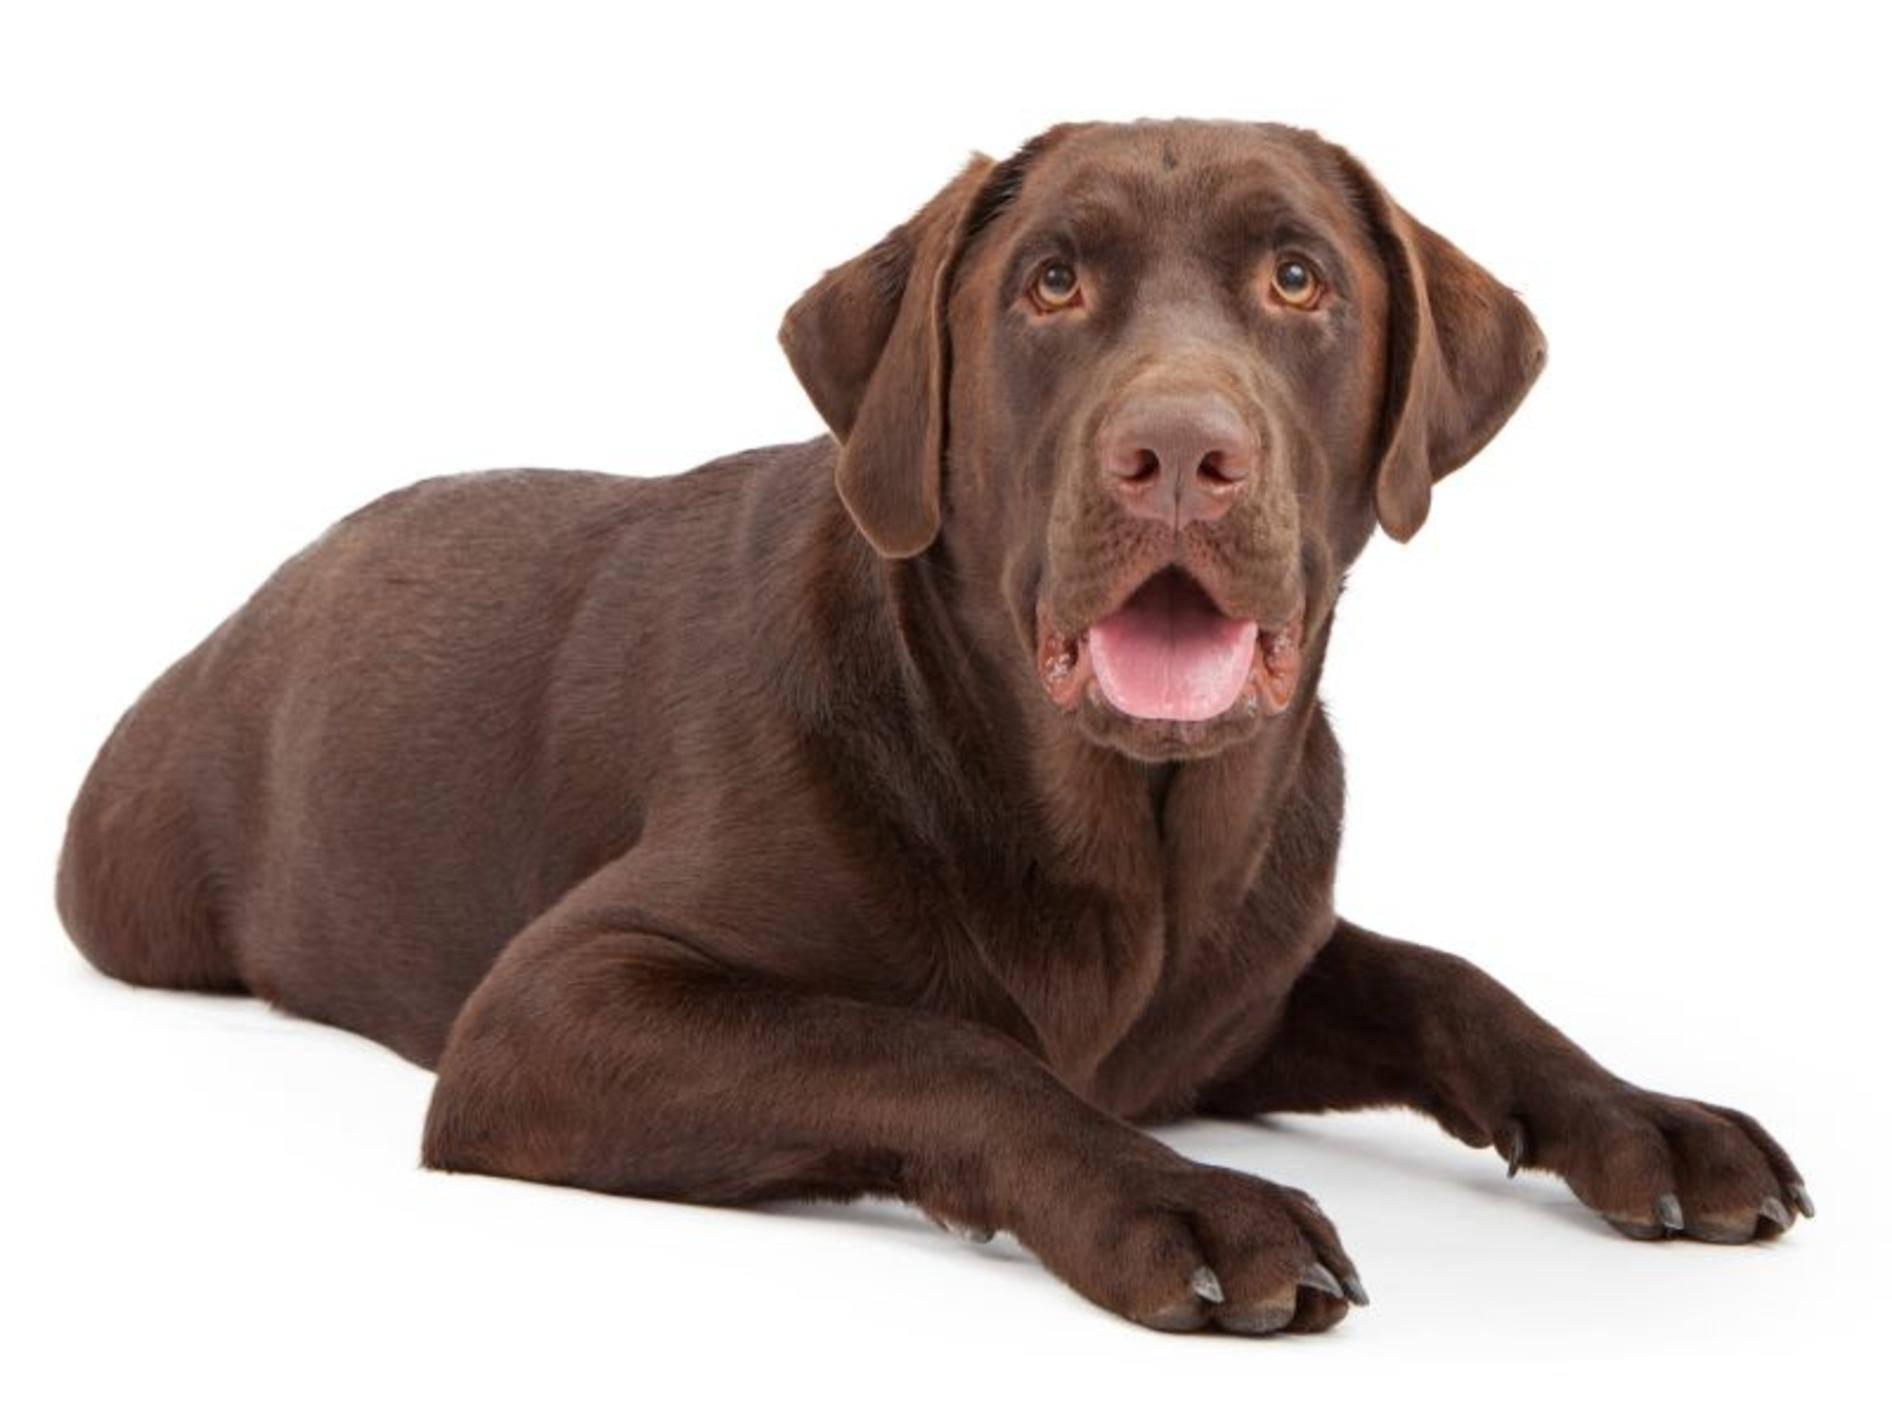 Der Labrador Retriever gehört zu den Rassen, die häufig von ED betroffen sind – Bild: Shutterstock / Susan Schmitz